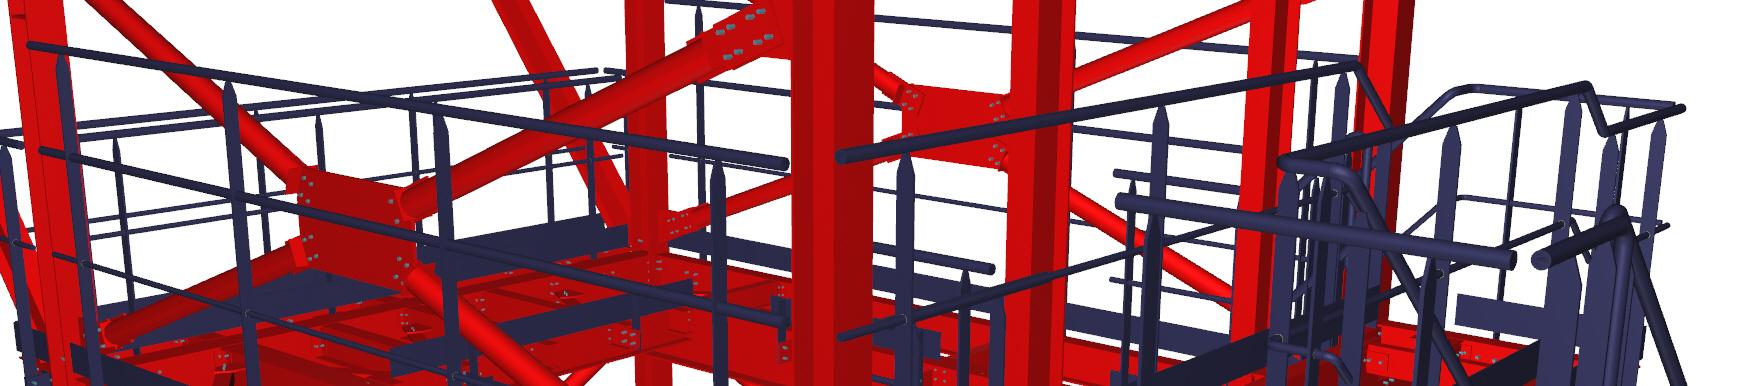 Lesage Ingenierie Bureau D Etudes Conception Structures Metalliques